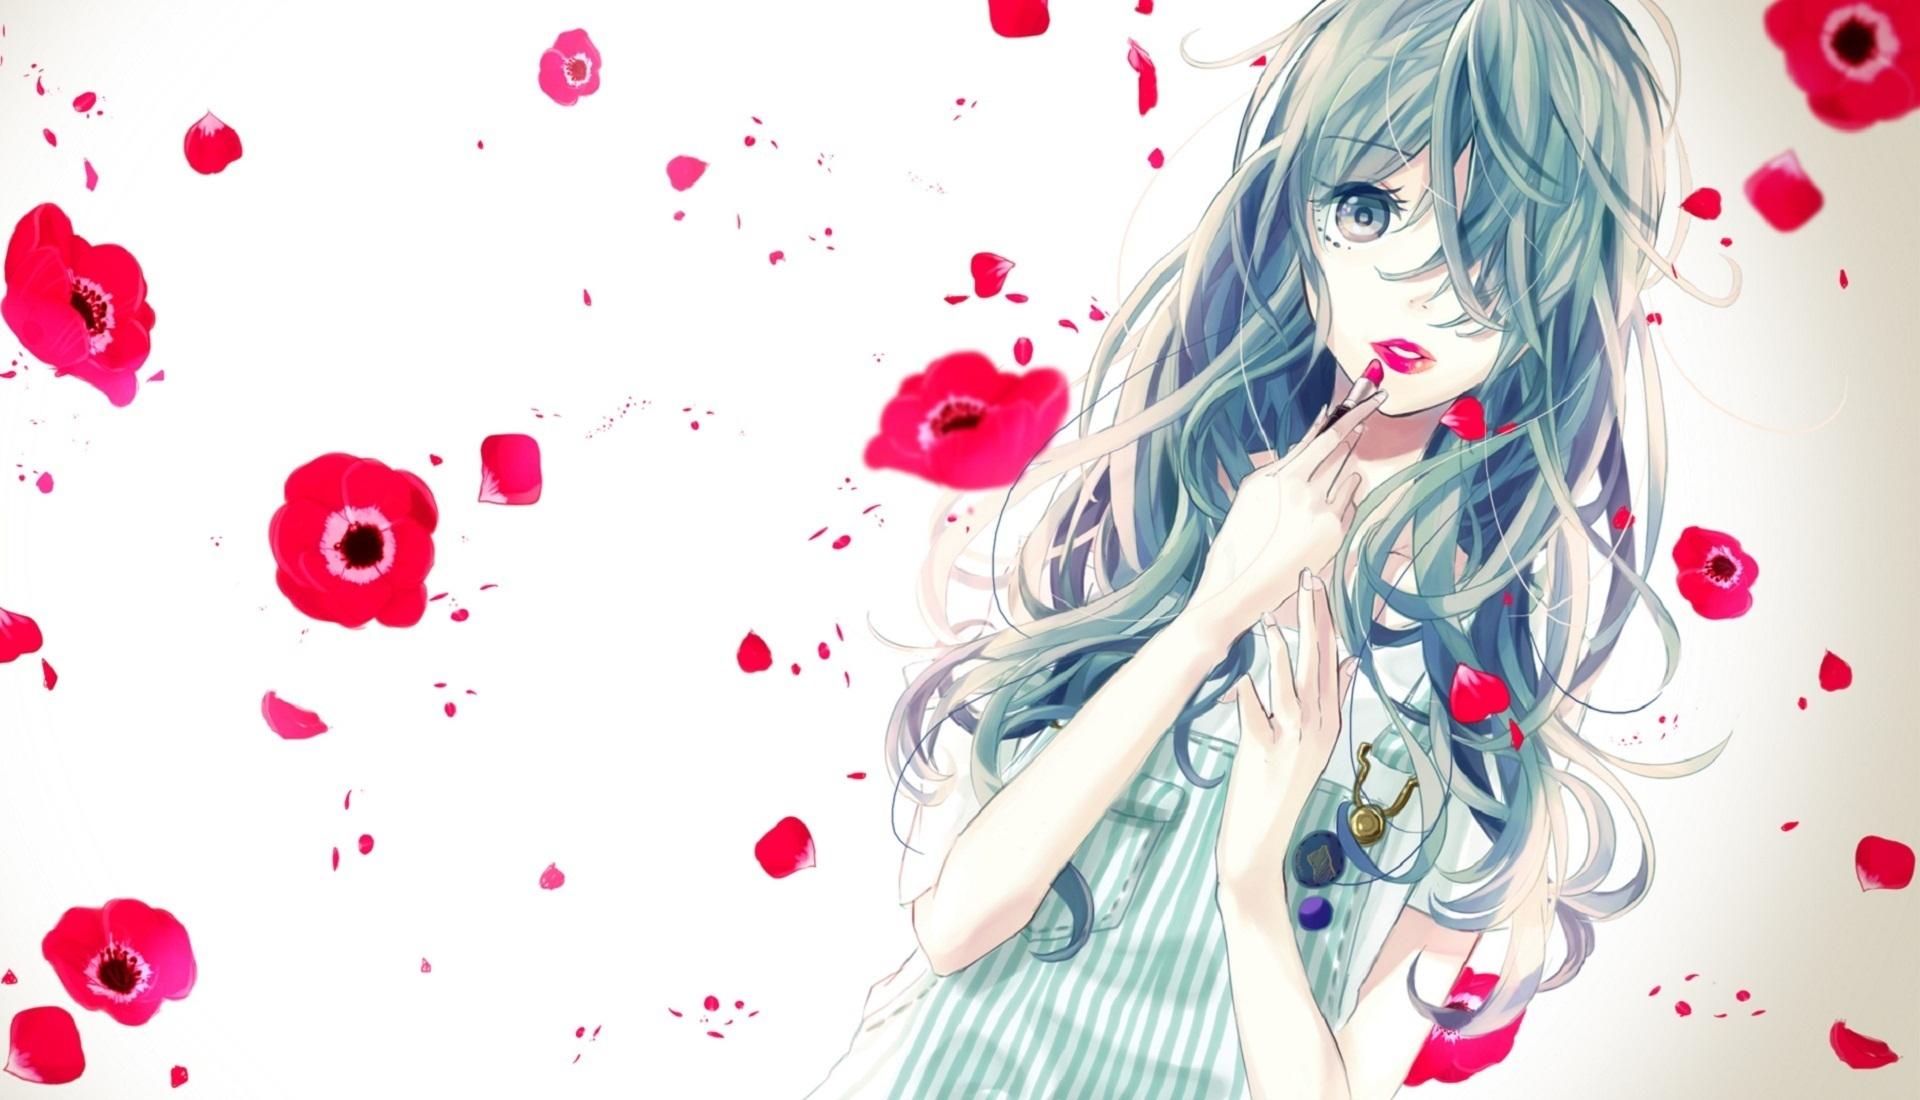 Anime Cute Wallpaper 1920x1100 Anime, Cute